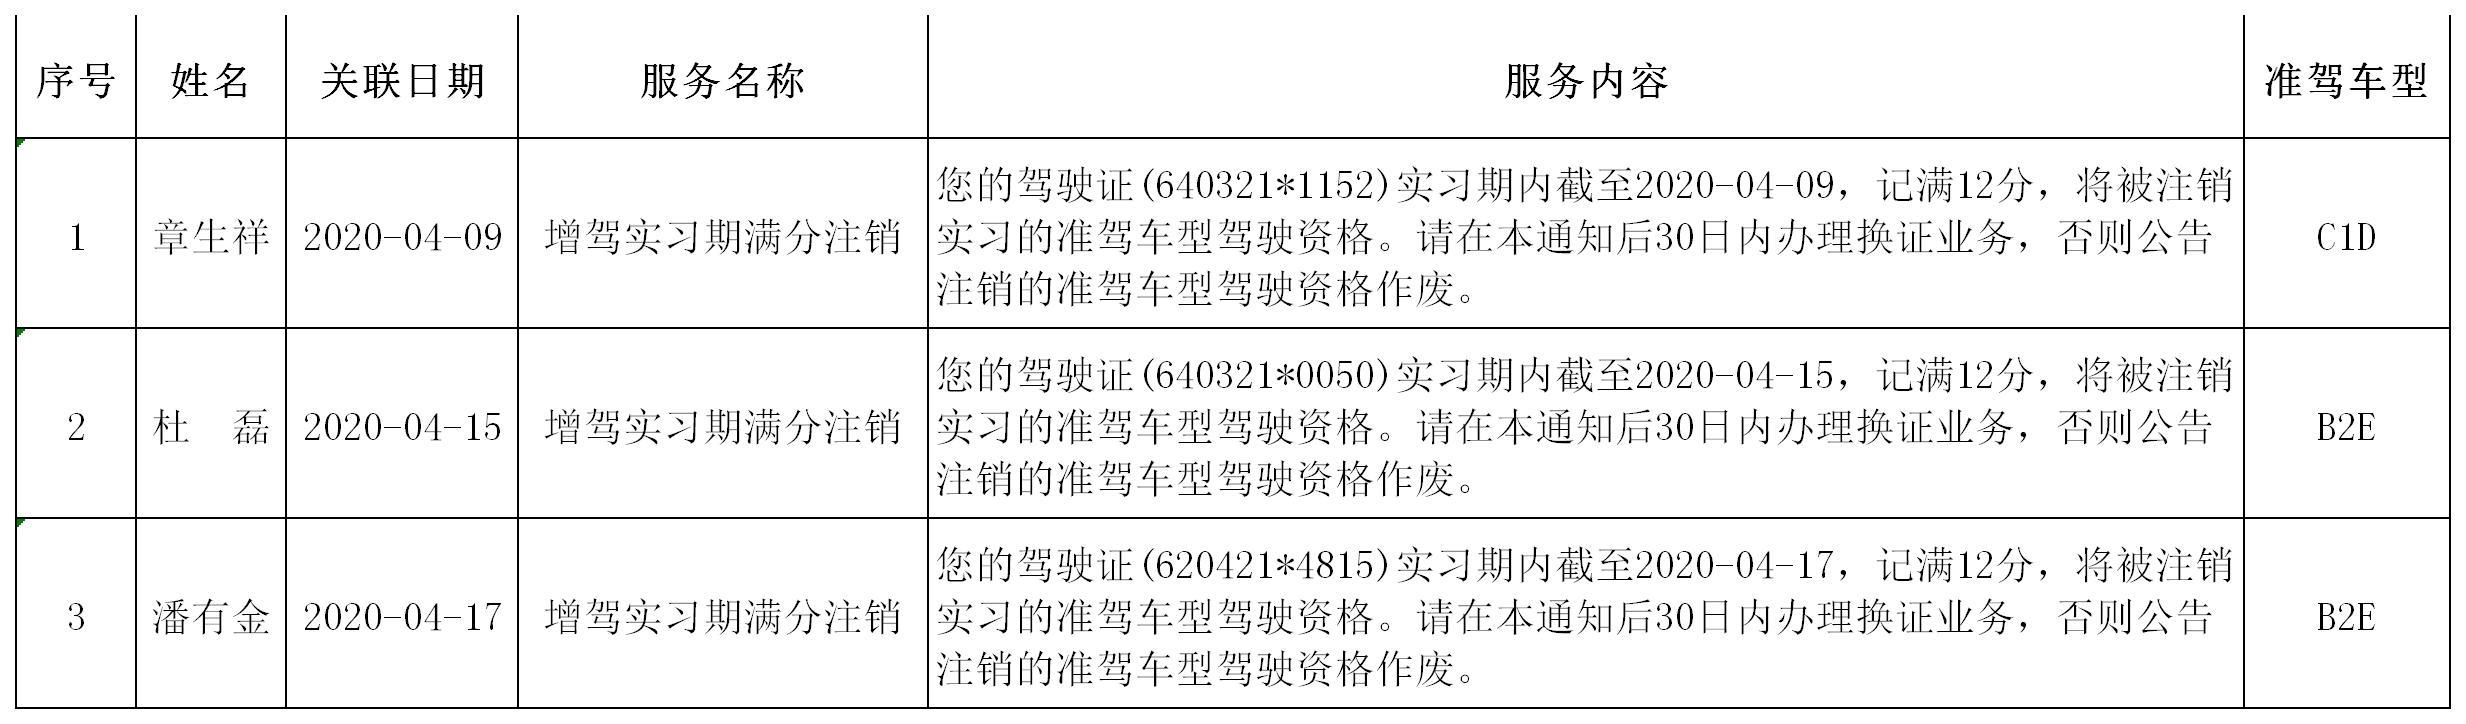 #小蜜疯汽车#关于对机动车驾驶证增驾实习期满分注销的公告(4月)